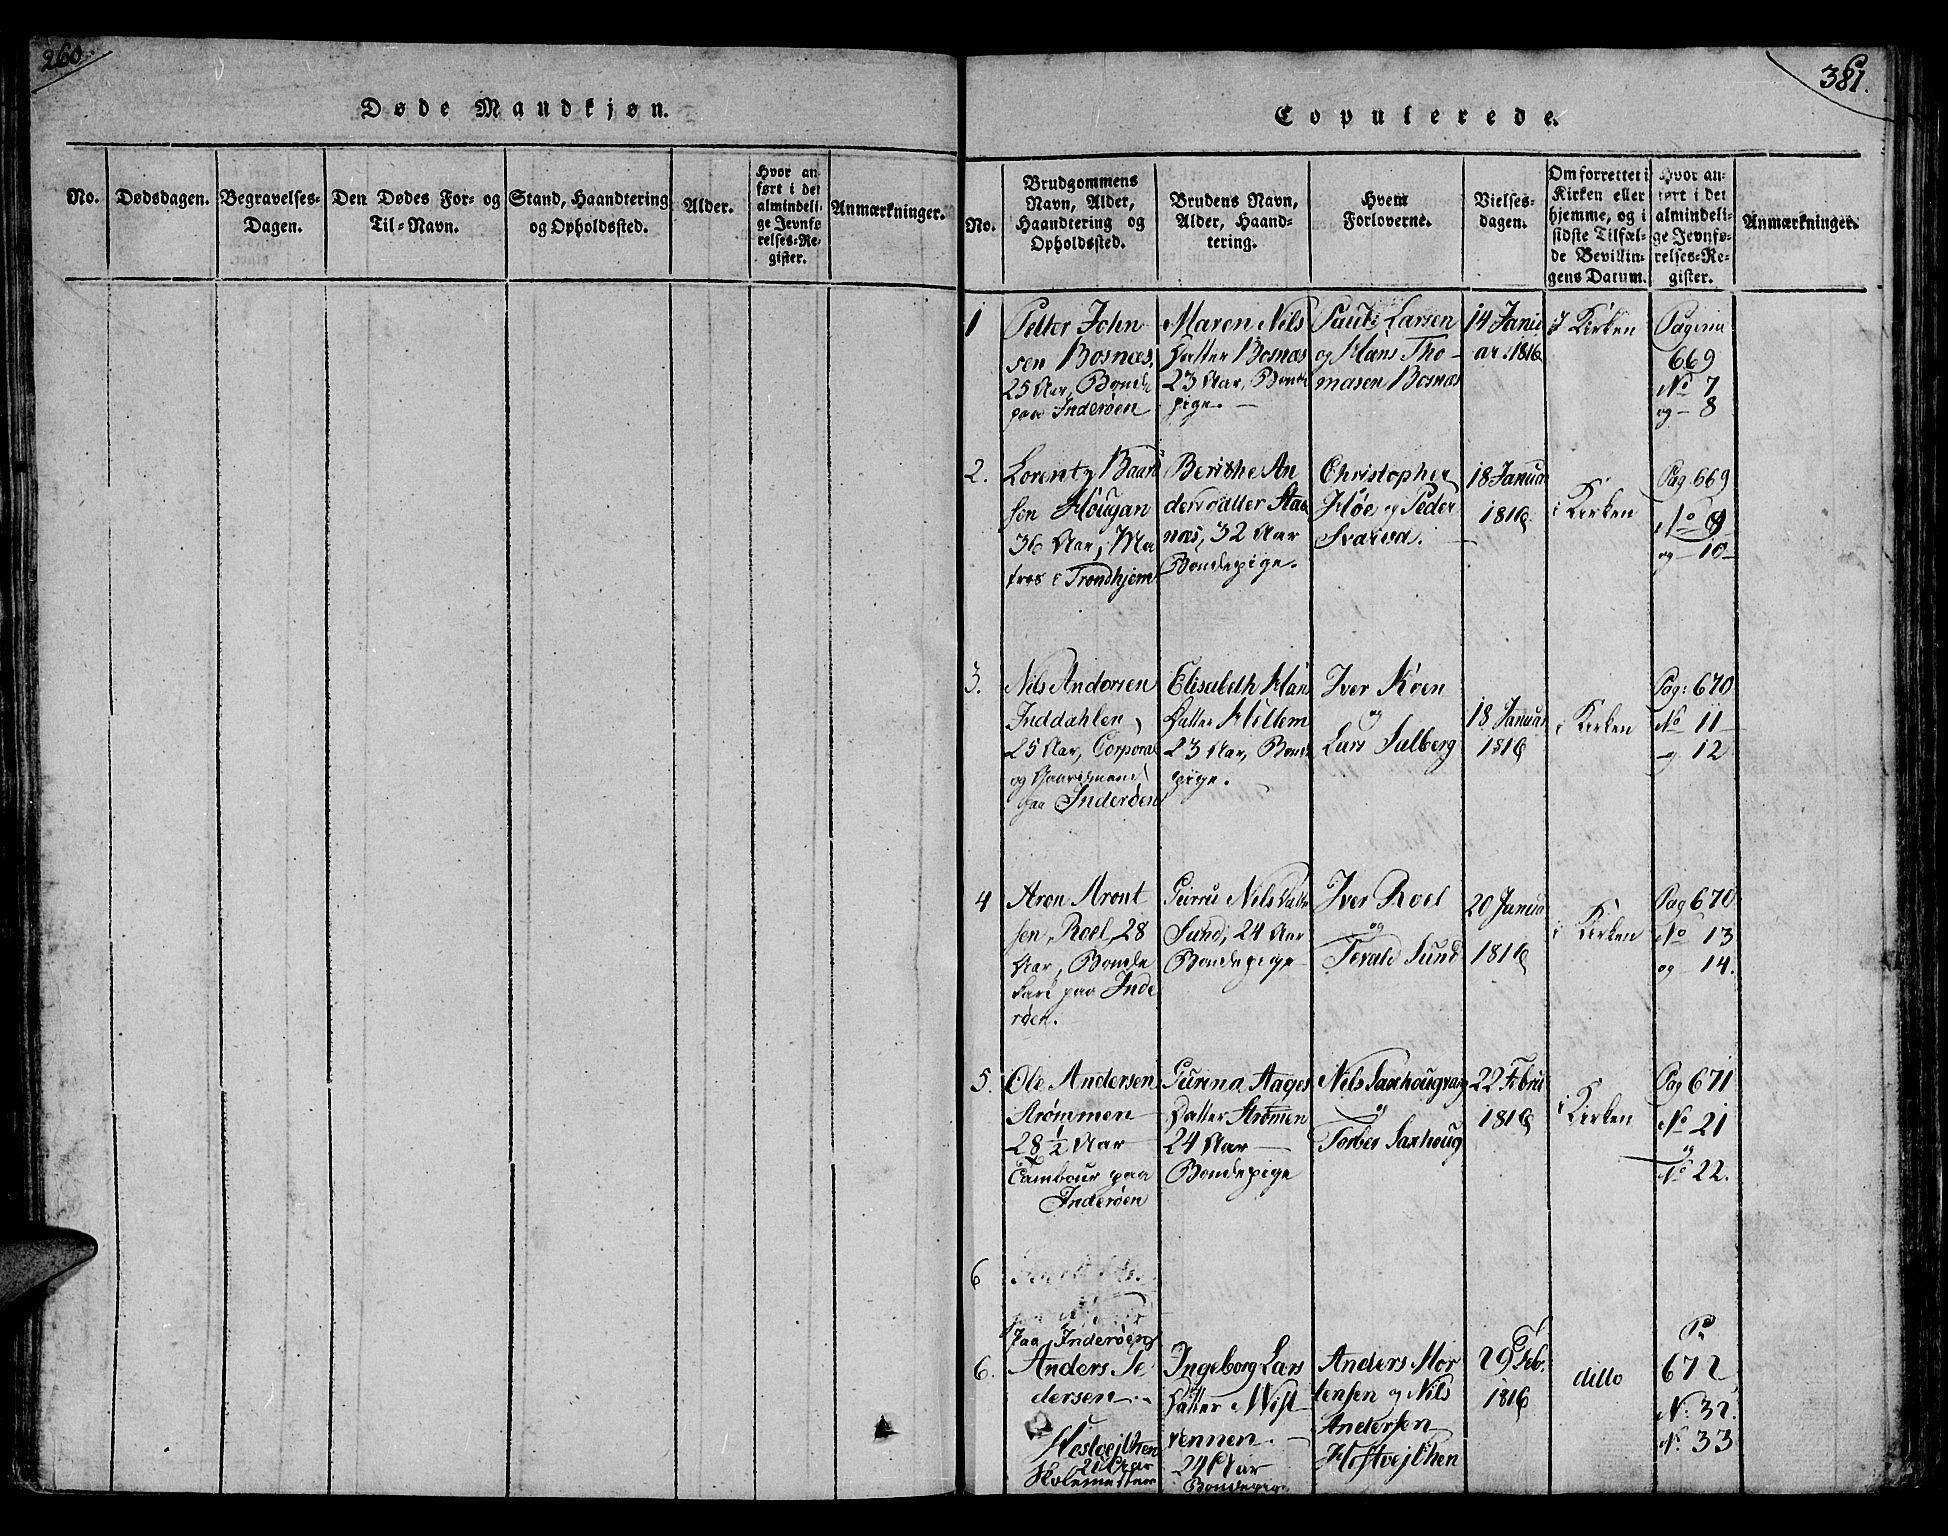 SAT, Ministerialprotokoller, klokkerbøker og fødselsregistre - Nord-Trøndelag, 730/L0275: Ministerialbok nr. 730A04, 1816-1822, s. 260-381